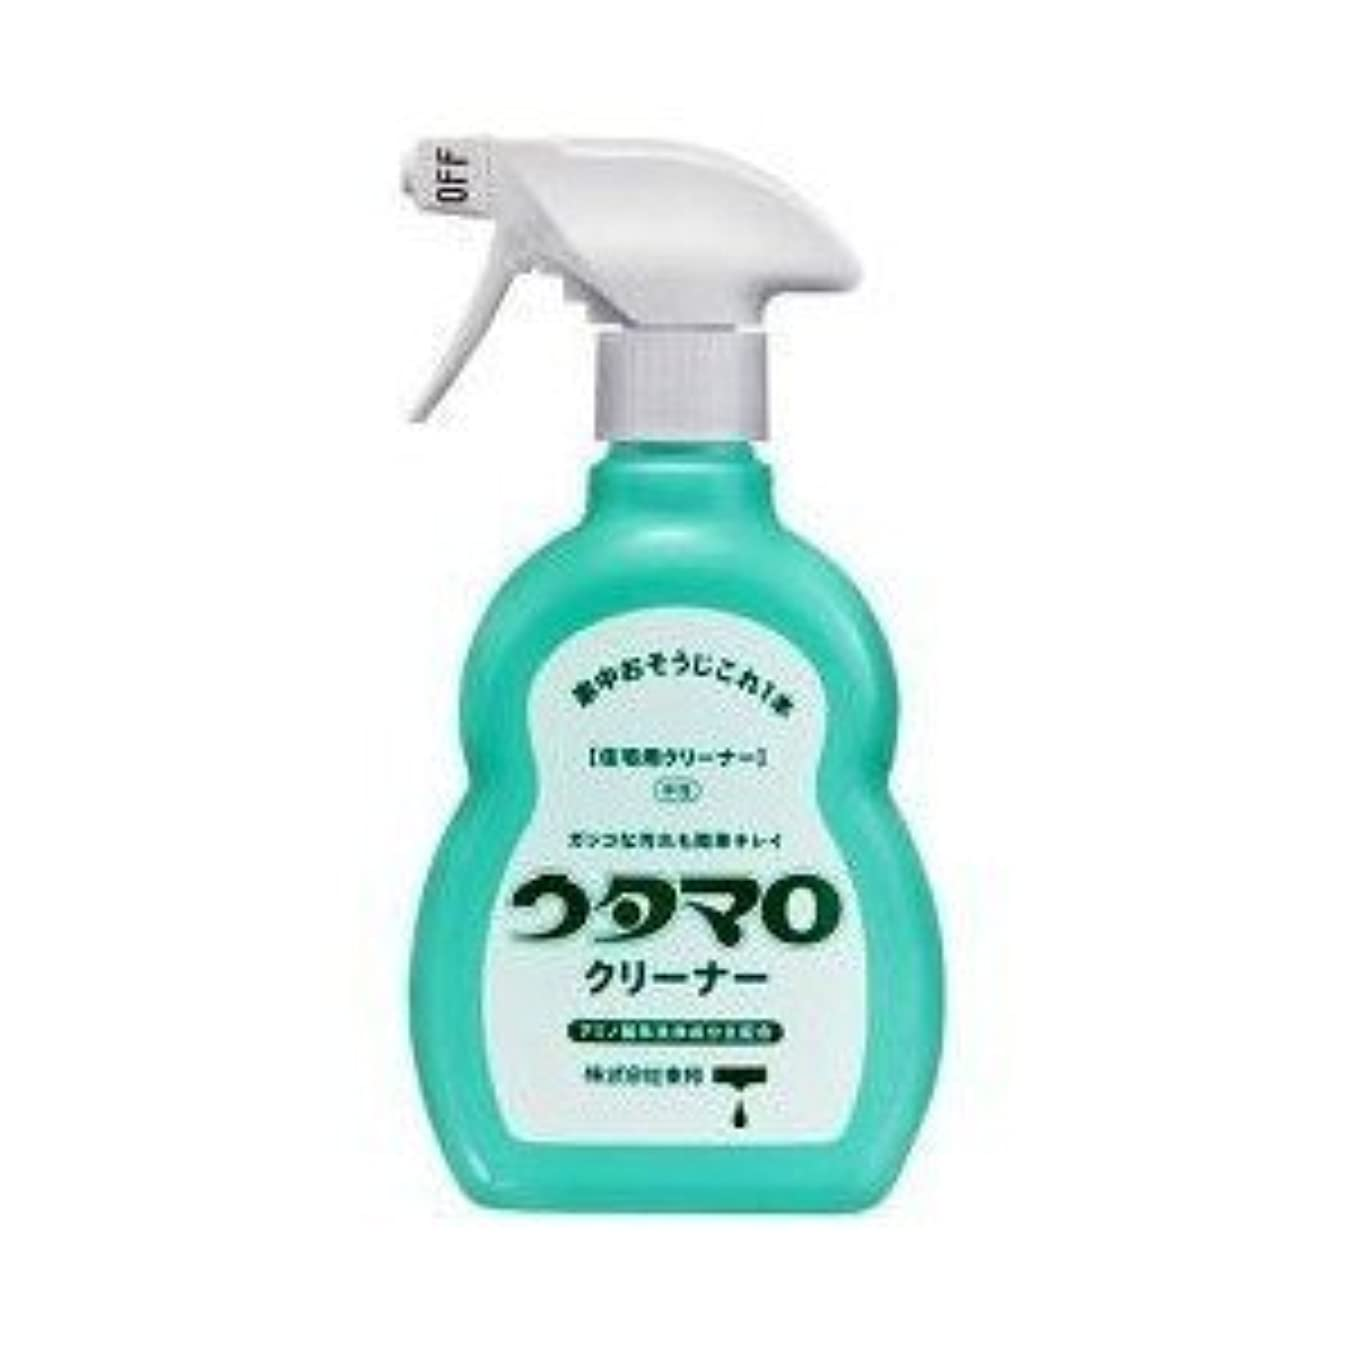 いわゆるホップ純粋なウタマロ クリーナー 400ml 洗剤 住居用 アミノ酸系洗浄成分主配合 さわやかなグリーンハーブの香り